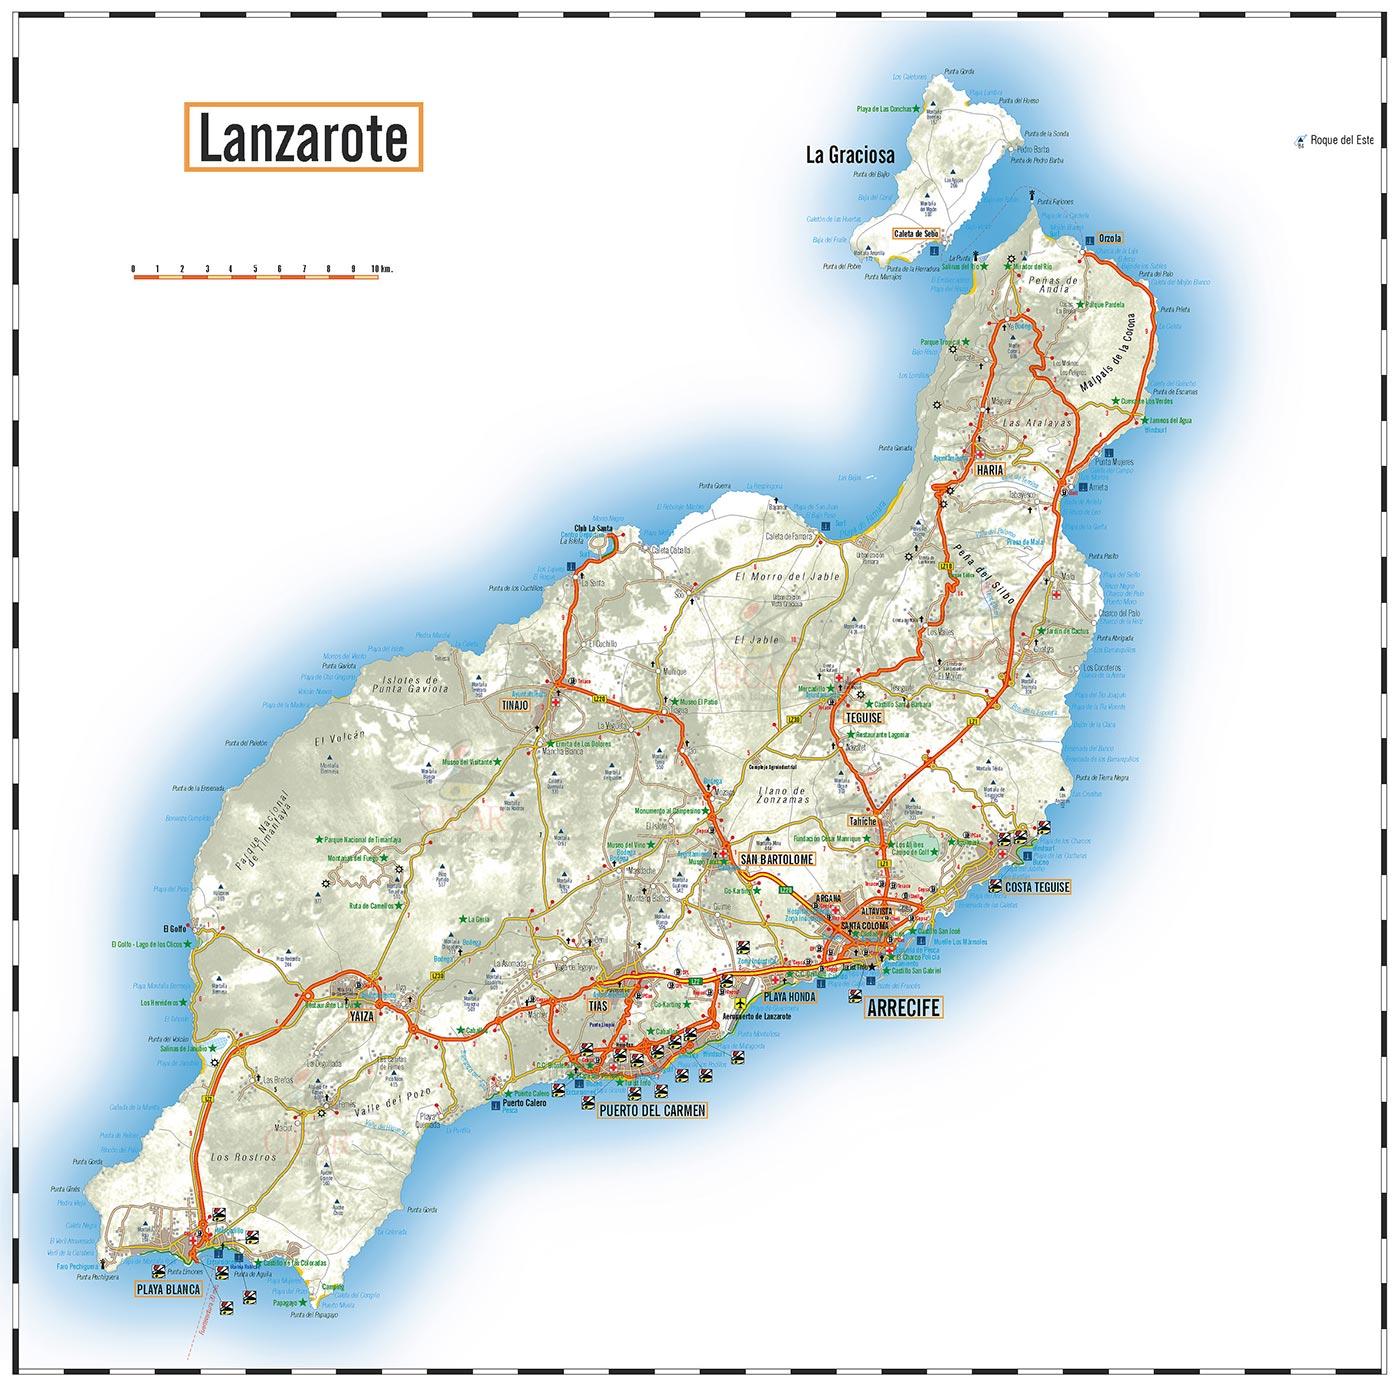 Carte Lanzarote.Lanzarote Arts Et Voyages